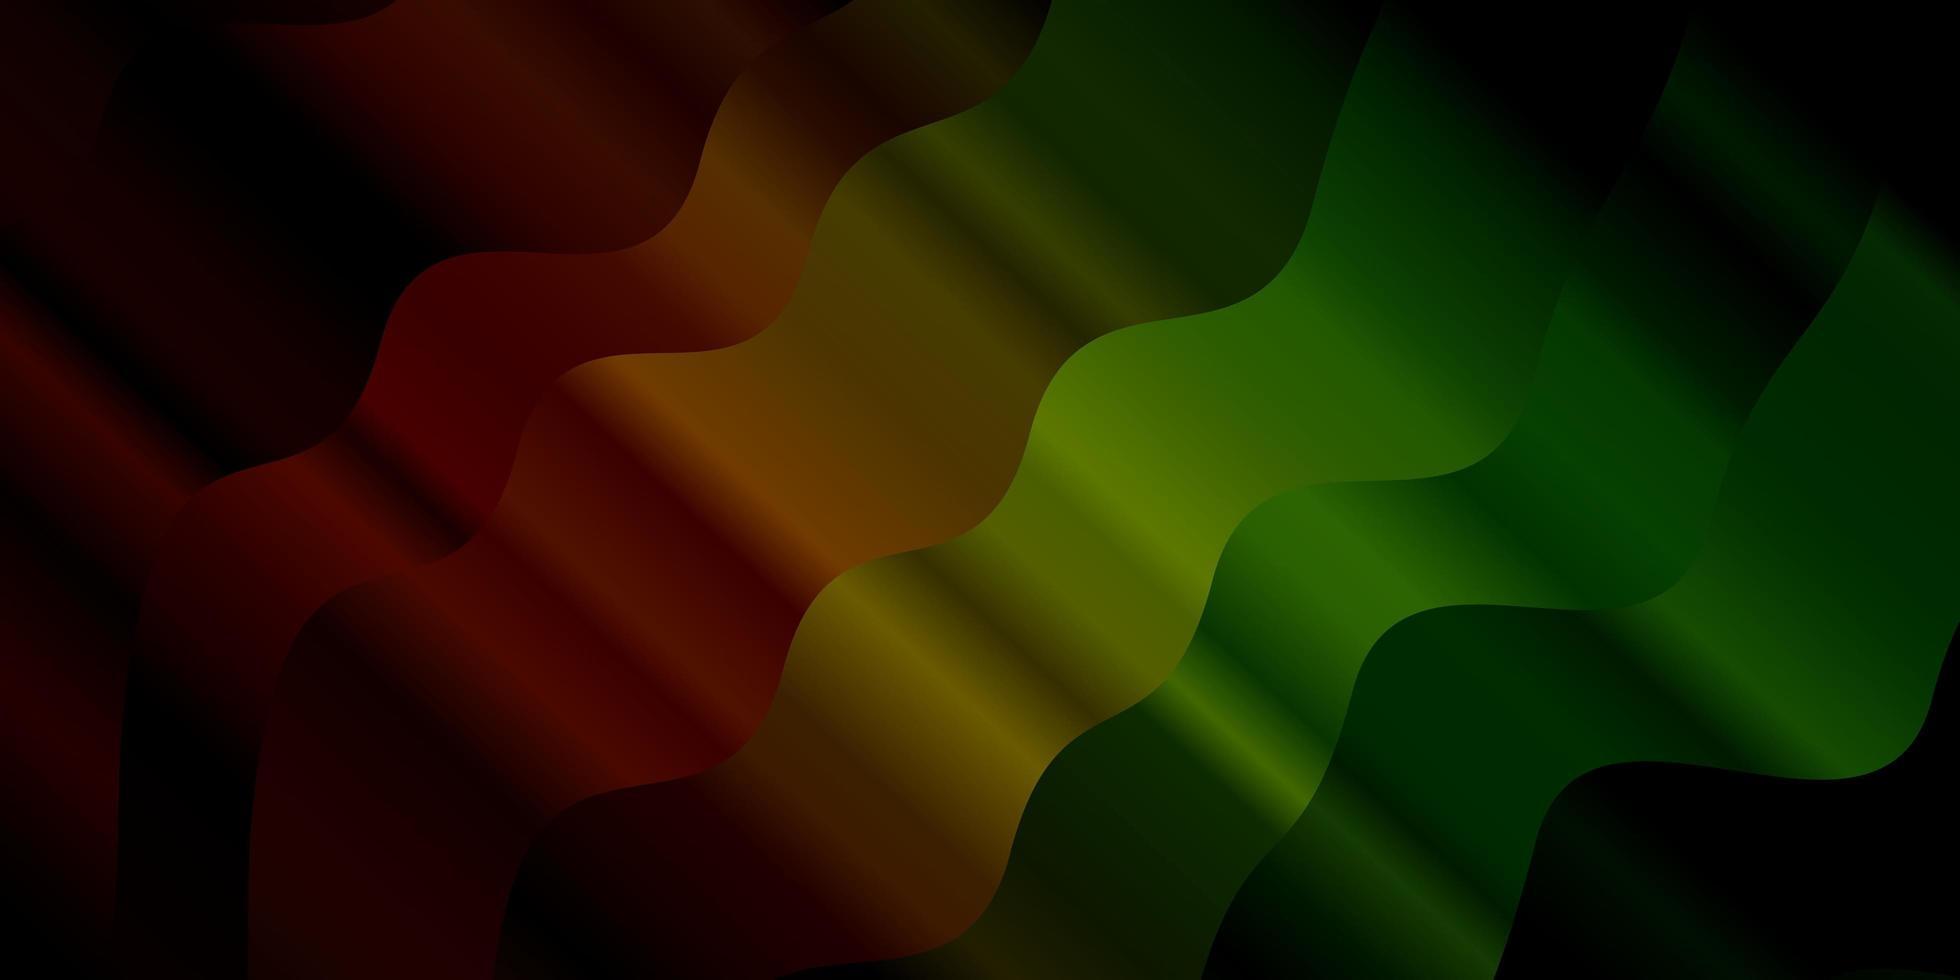 textura verde oscuro, rojo con curvas. vector